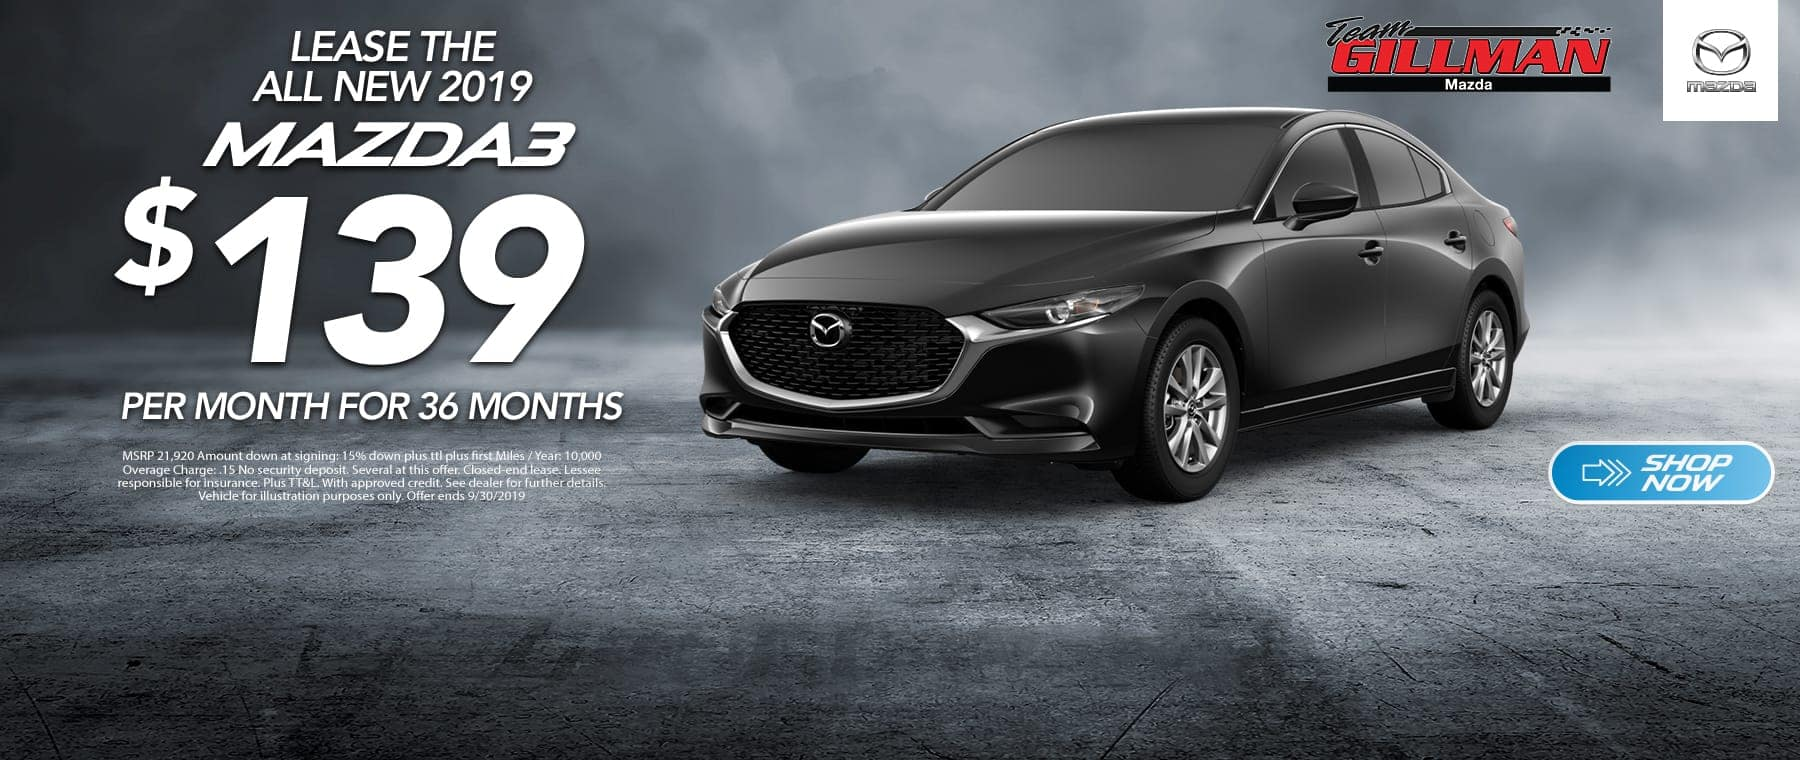 black Mazda3 on gray background